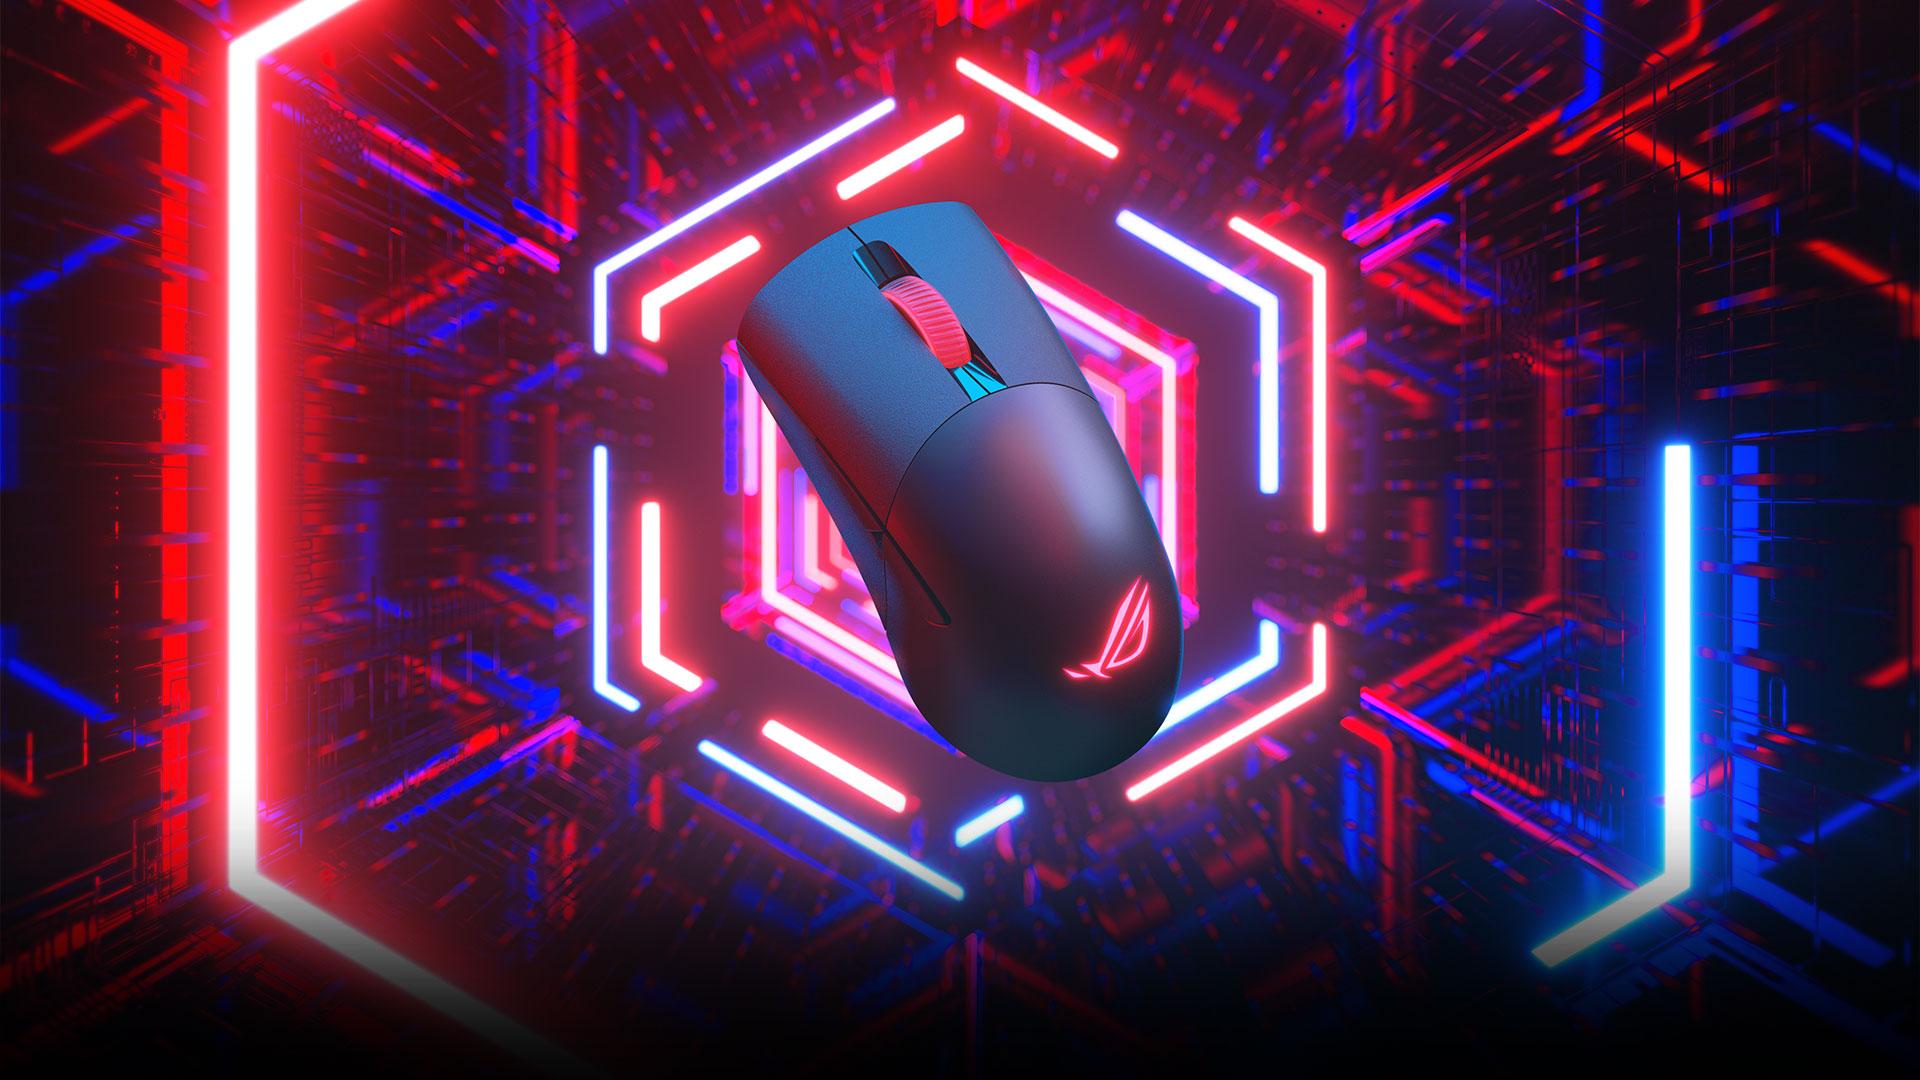 Giới thiệu Chuột không dây Asus ROG Keris (USB/RGB/màu đen)